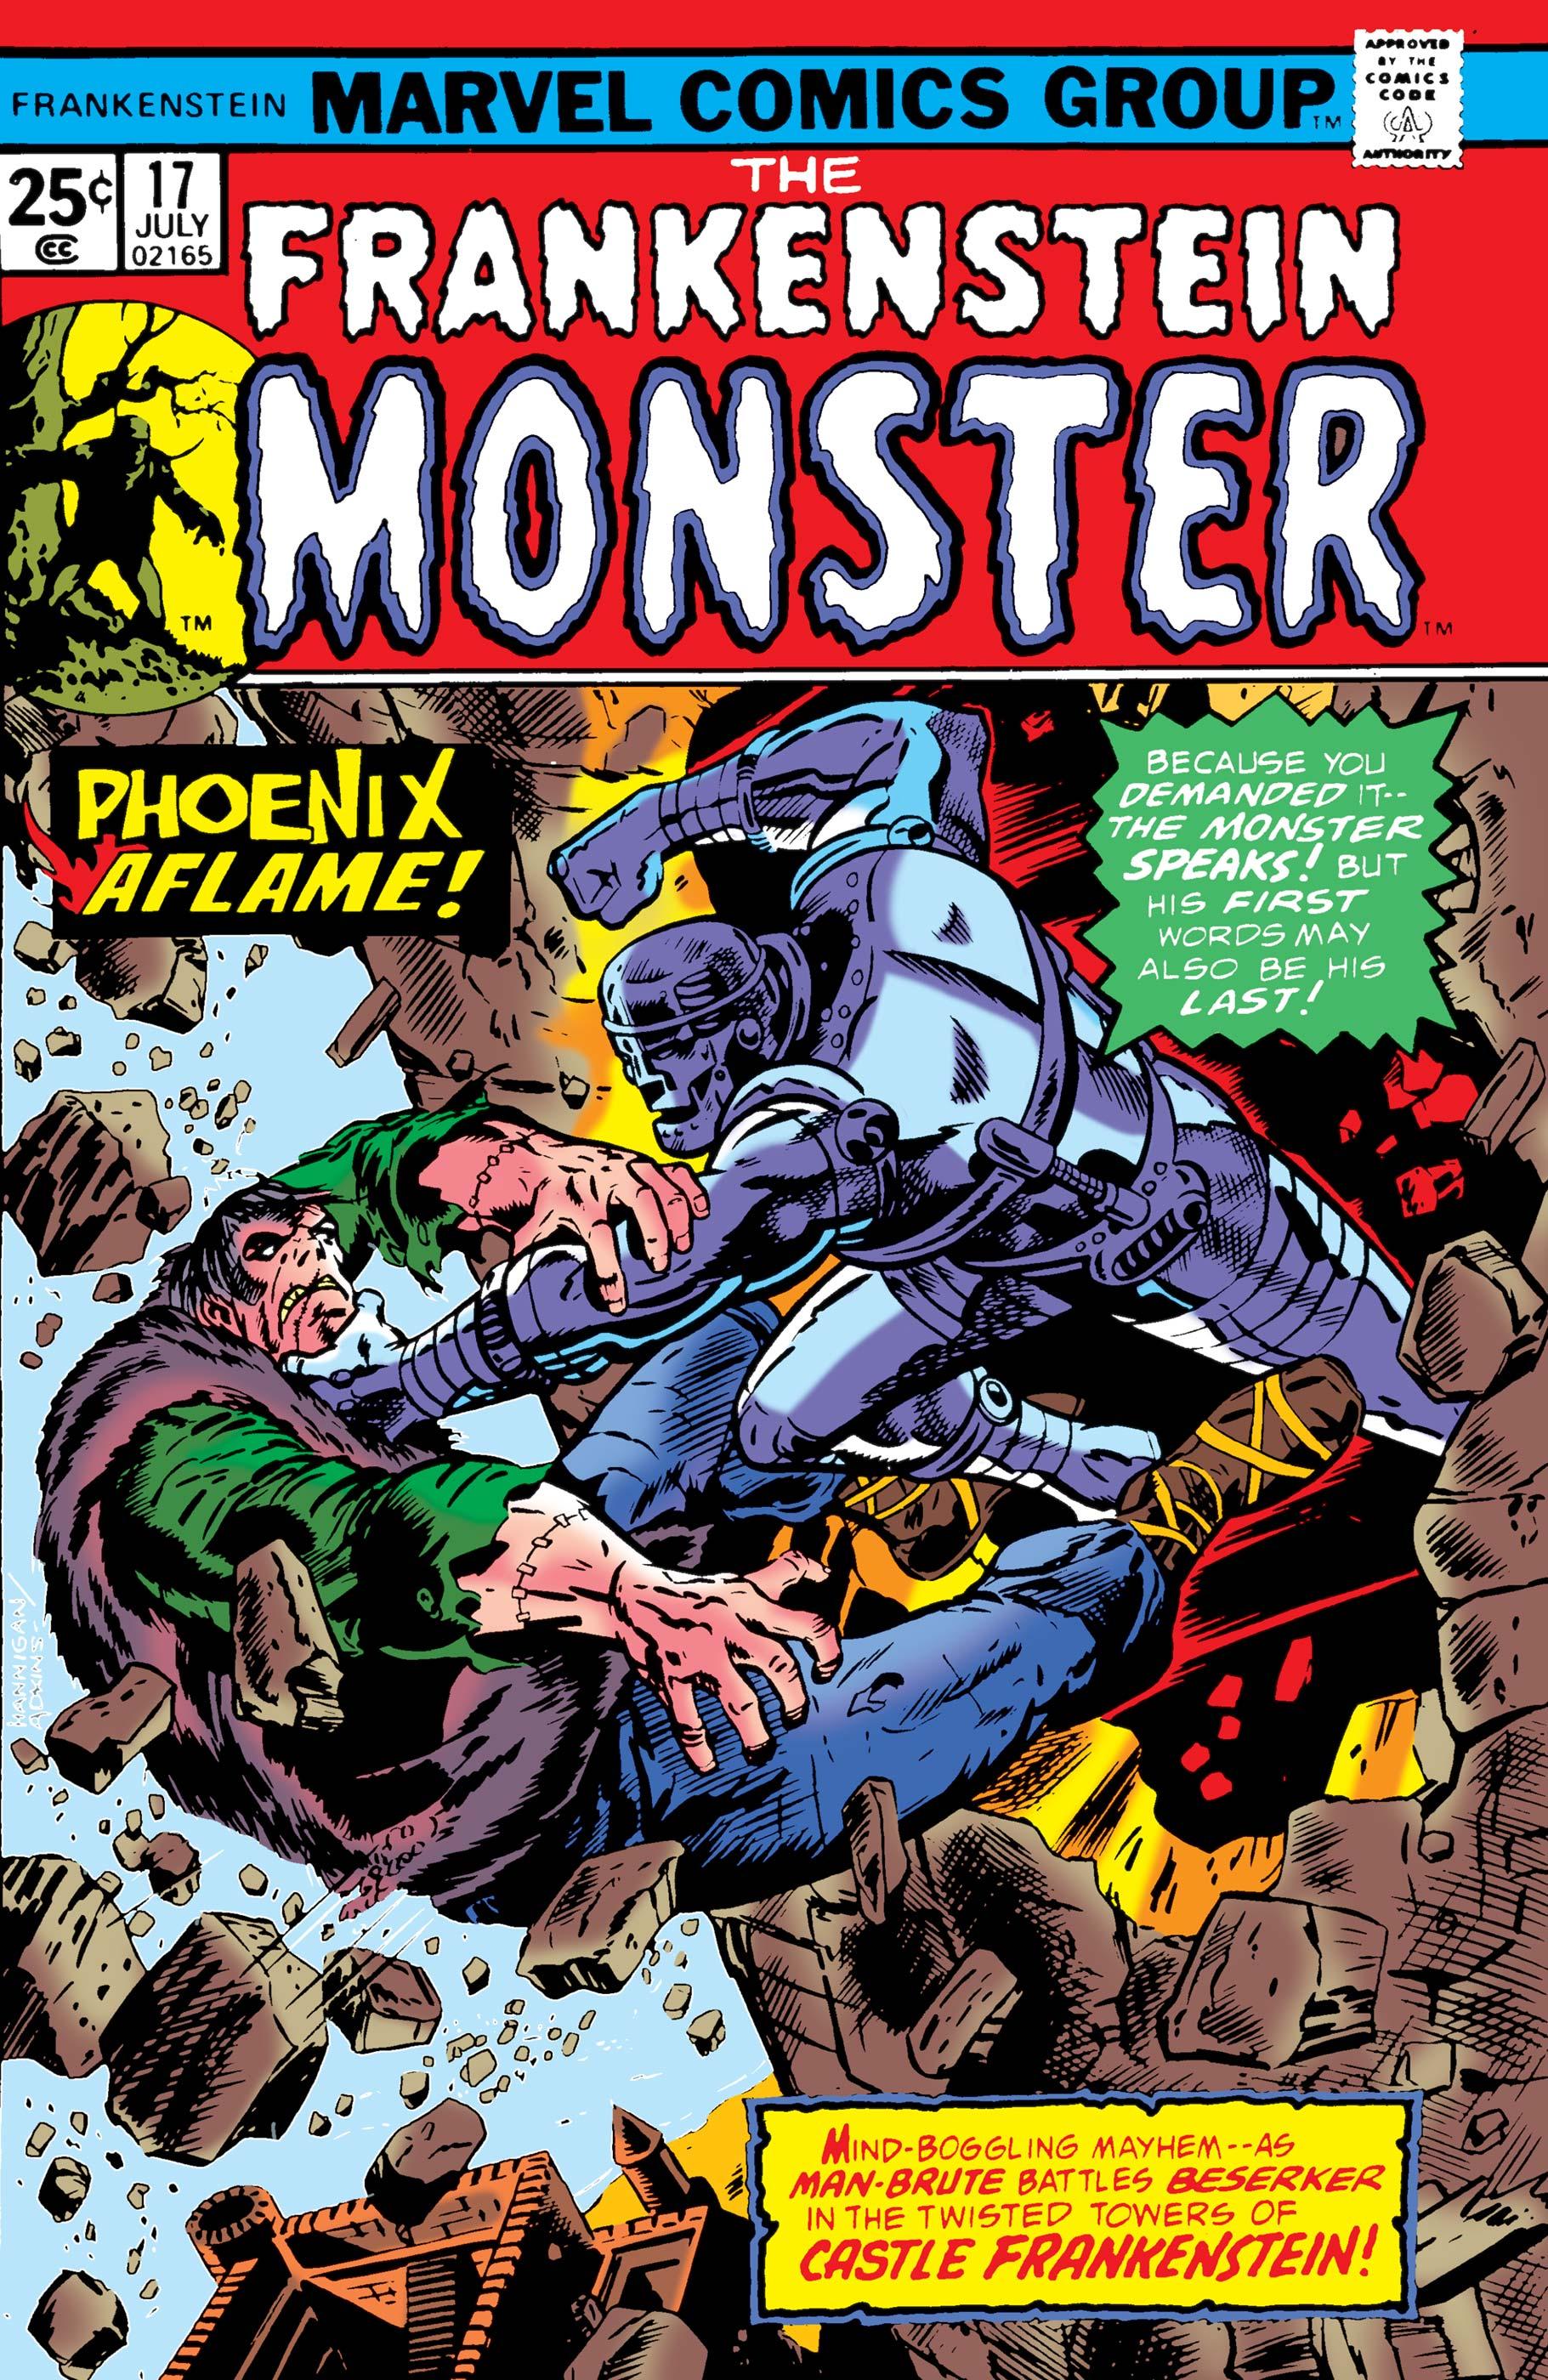 Frankenstein (1973) #17